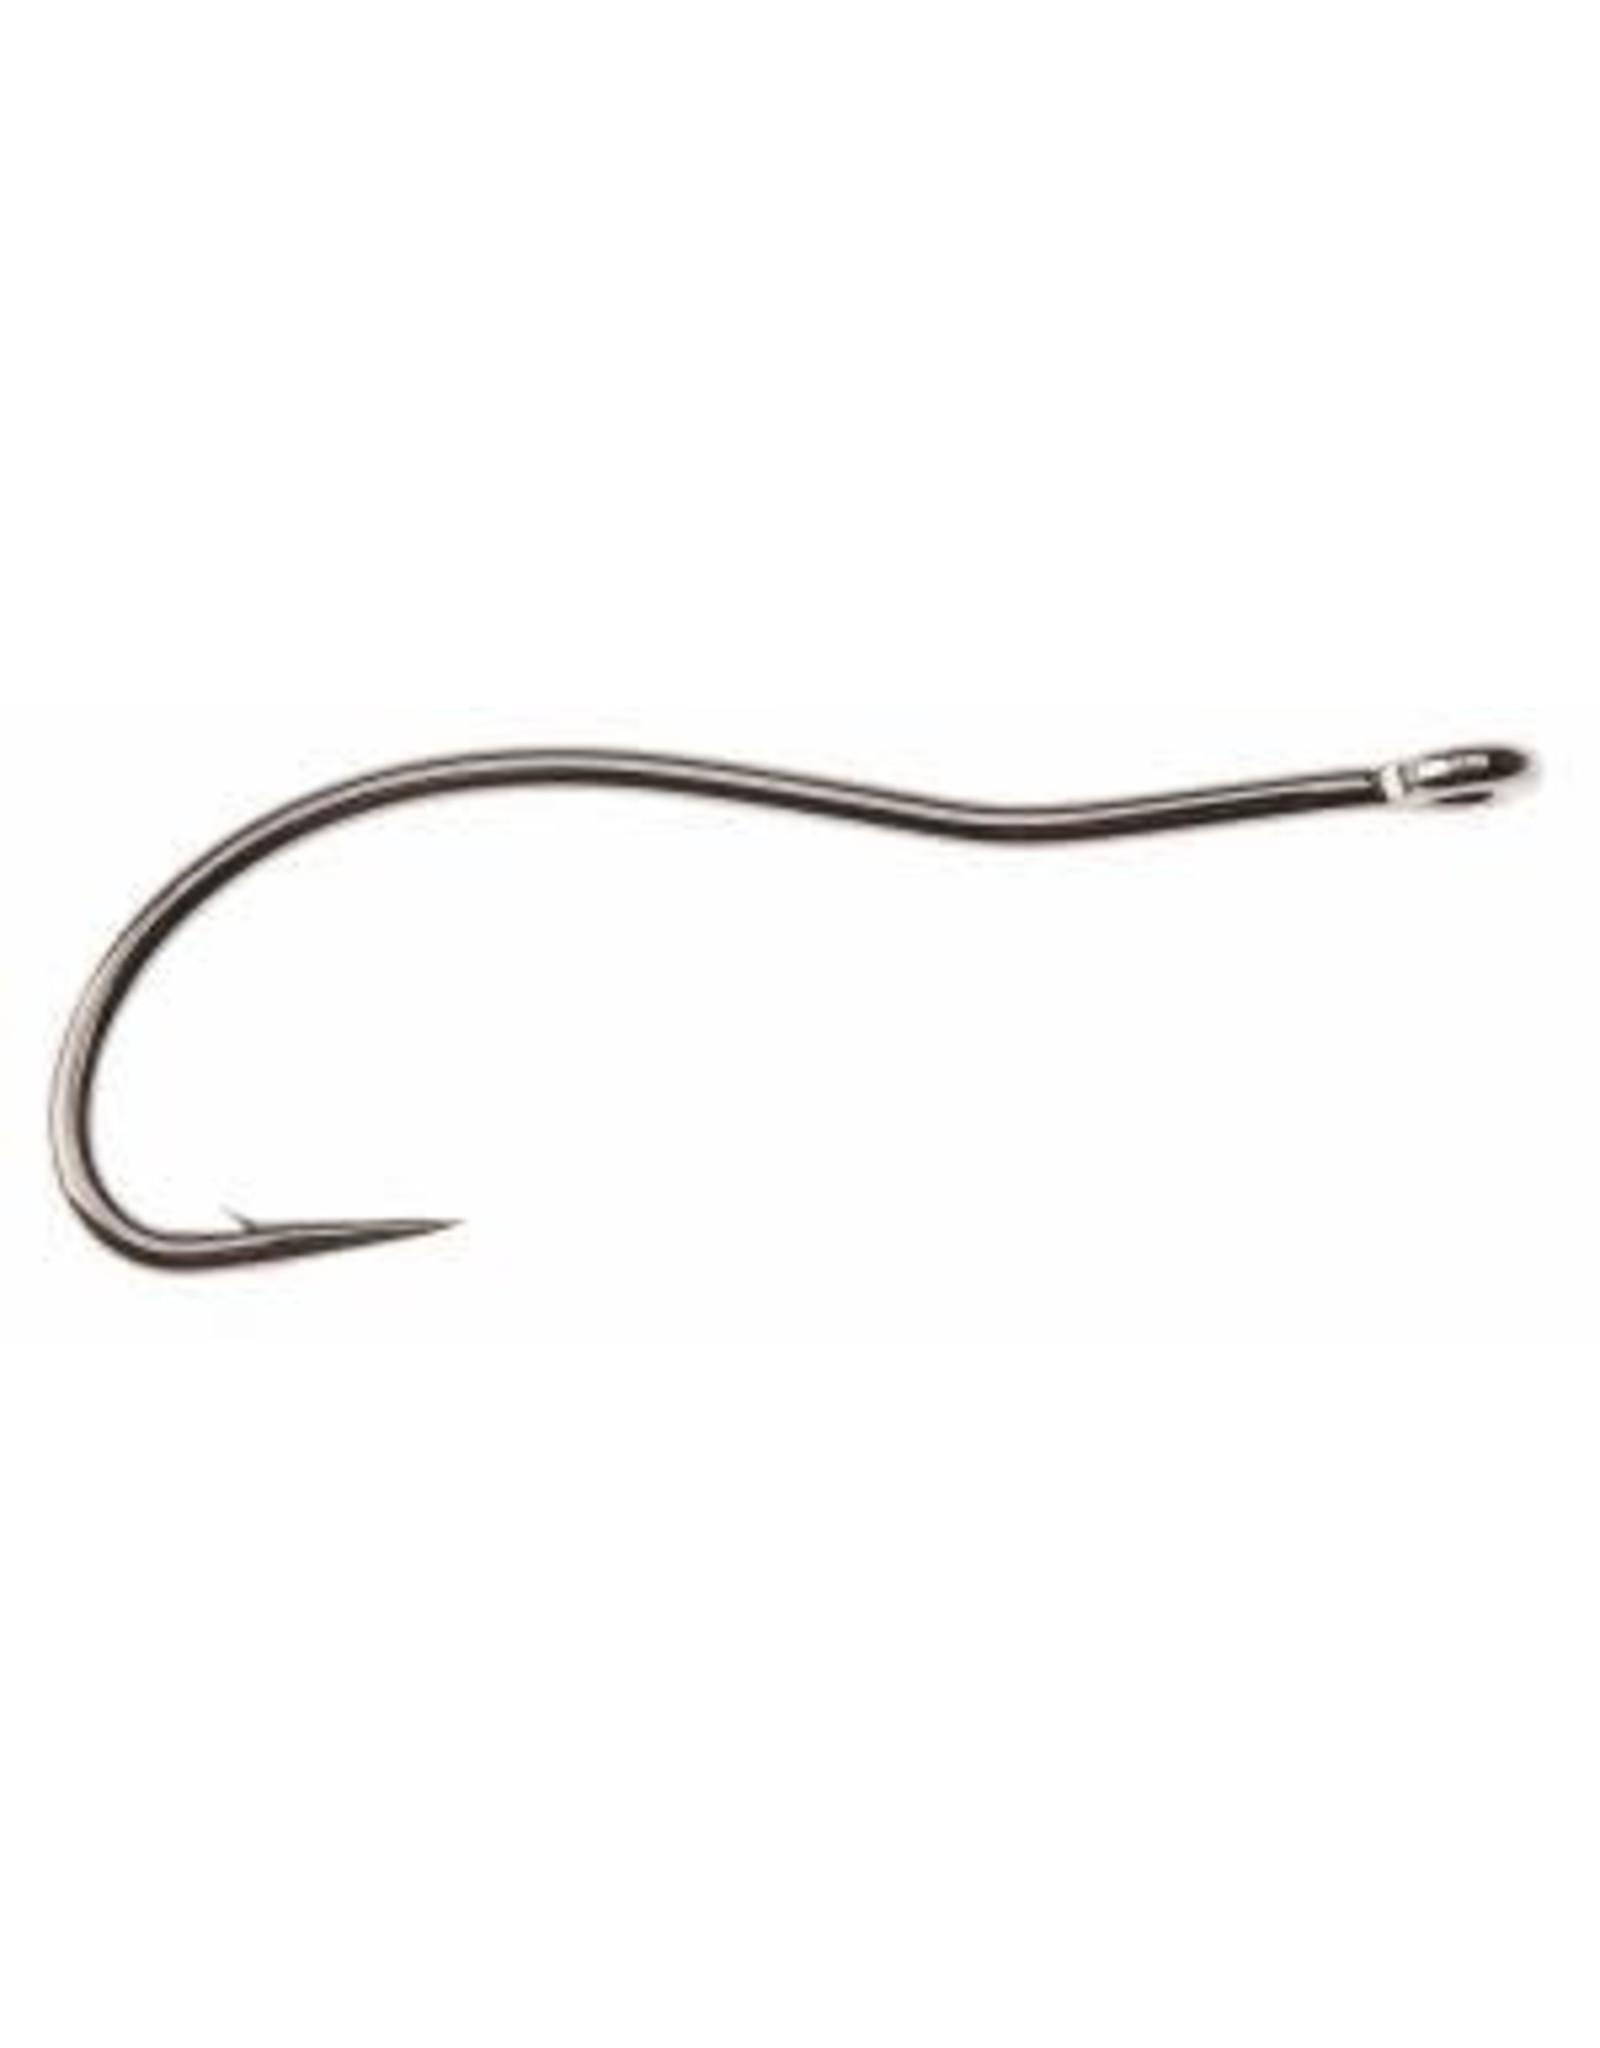 Ahrex AHREX NS150 #6 Curved Shrimp